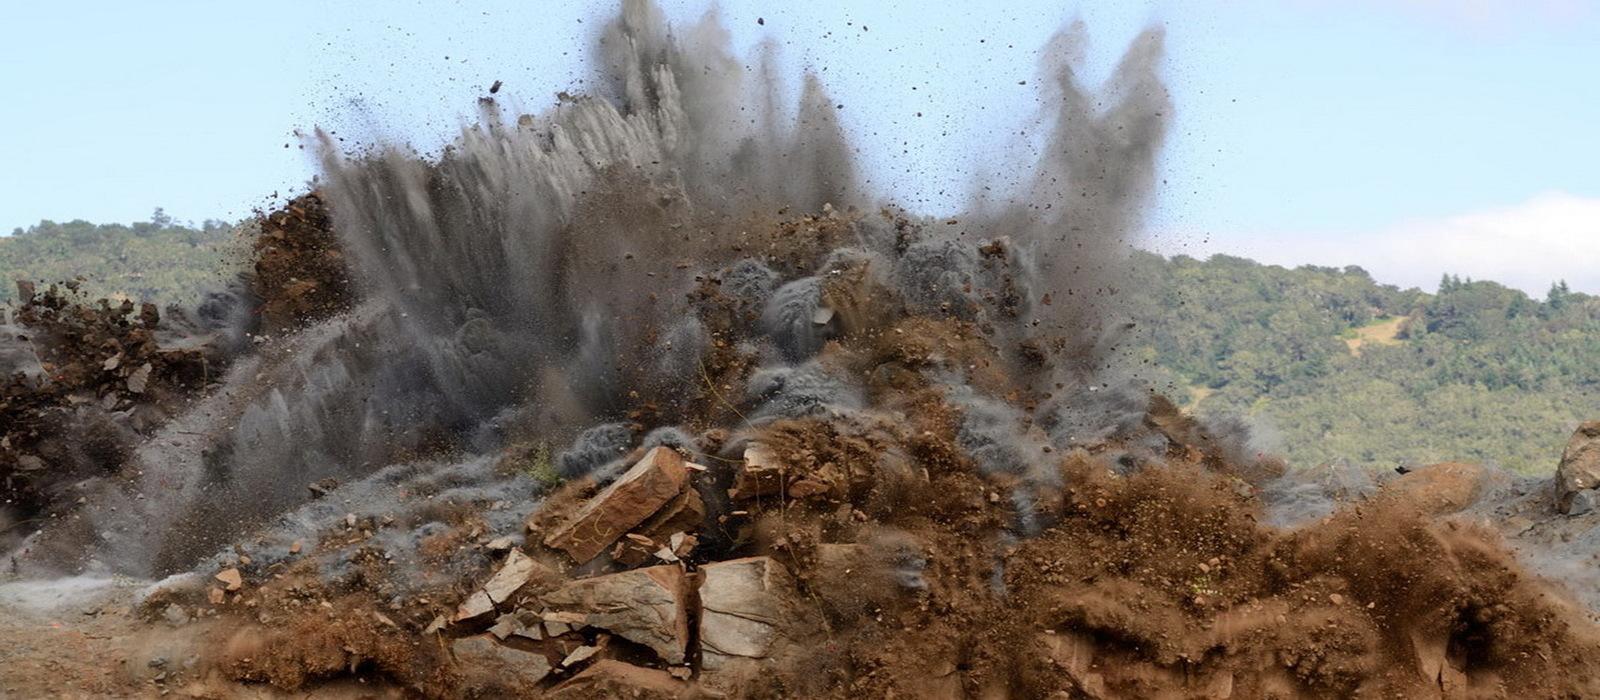 Оценка взрывопожароопасности пыли горных пород и руд: - определение показателей пожаровзрывоопасности горных пород и сульфидосодержащей пыли; - оценка степени взрывопожароопасности пыли и вмещающих пород